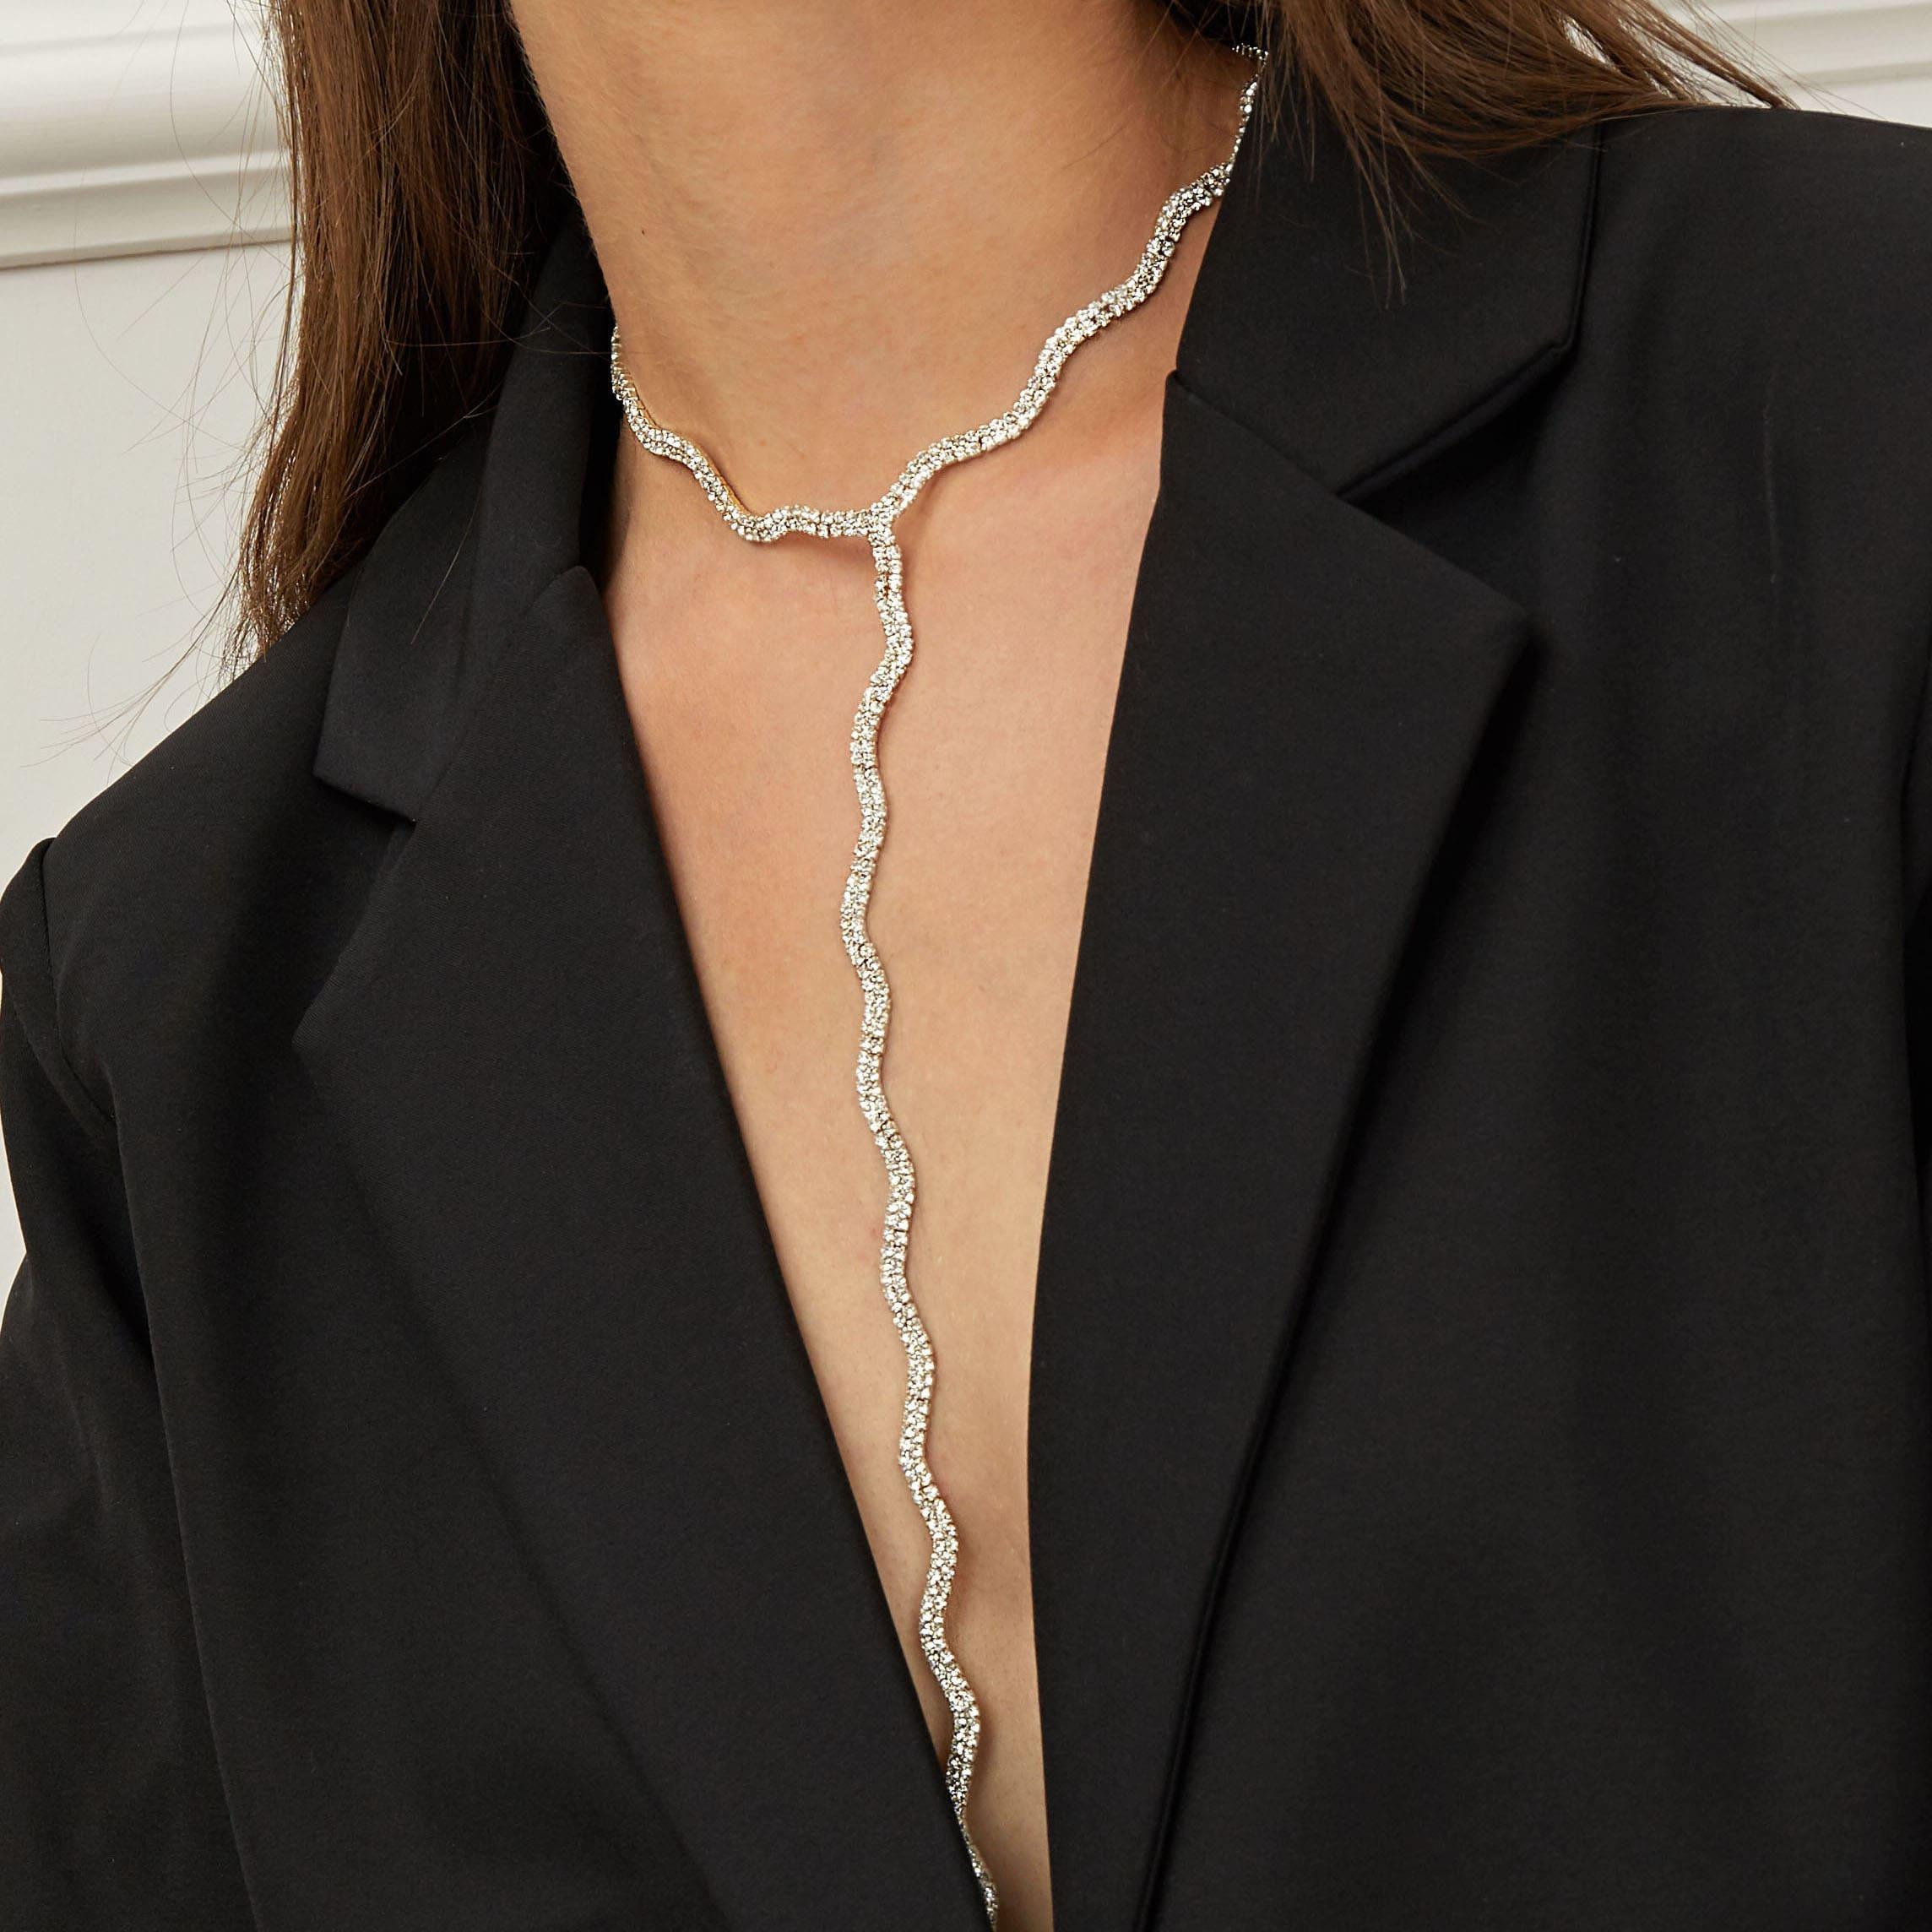 Lasso Halskette mit Strass Design 1 Stück